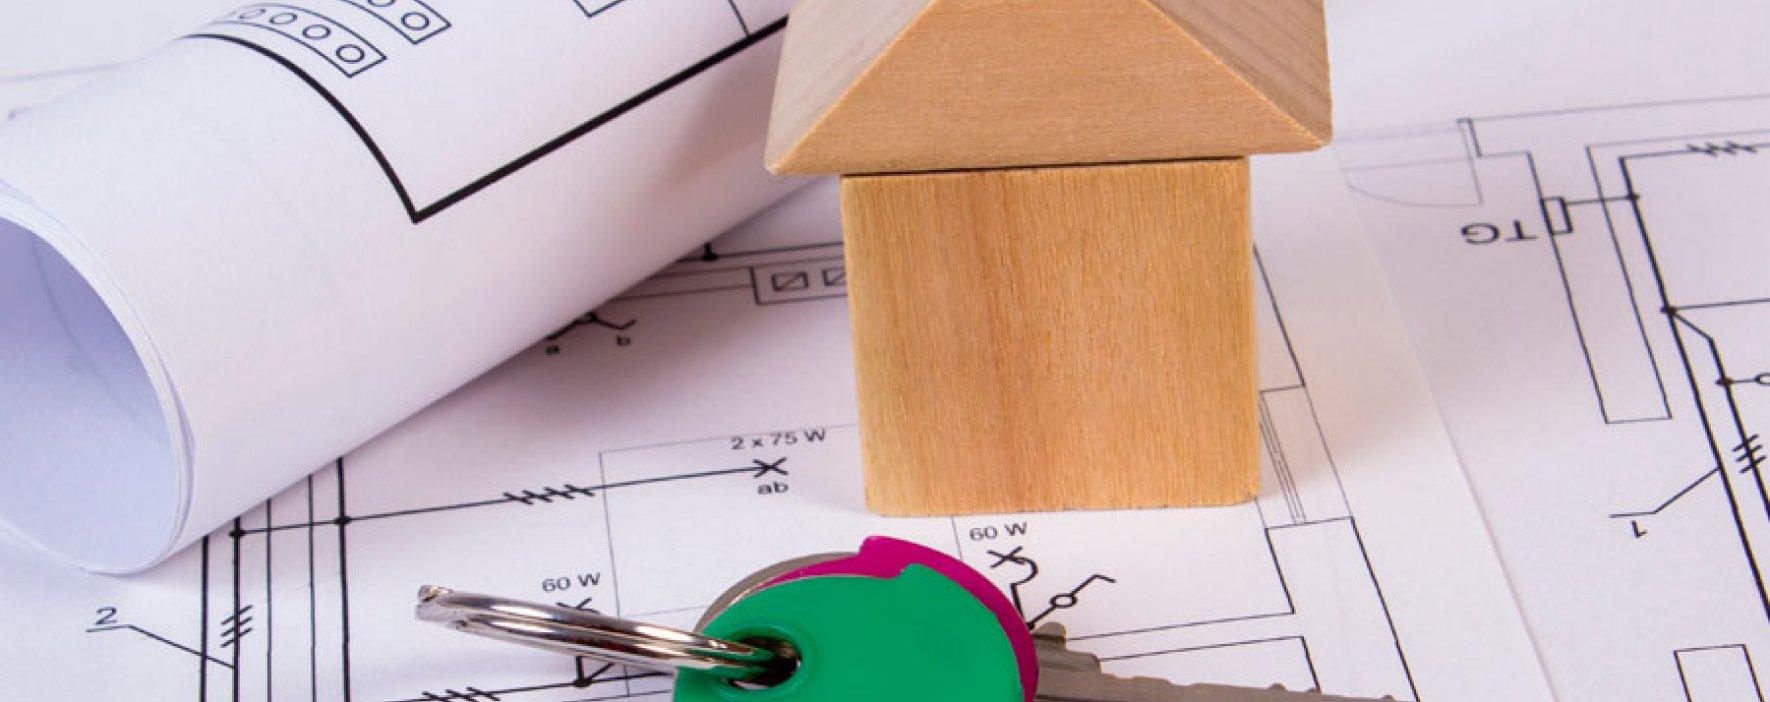 Conozca las ventajas de comprar sobre planos